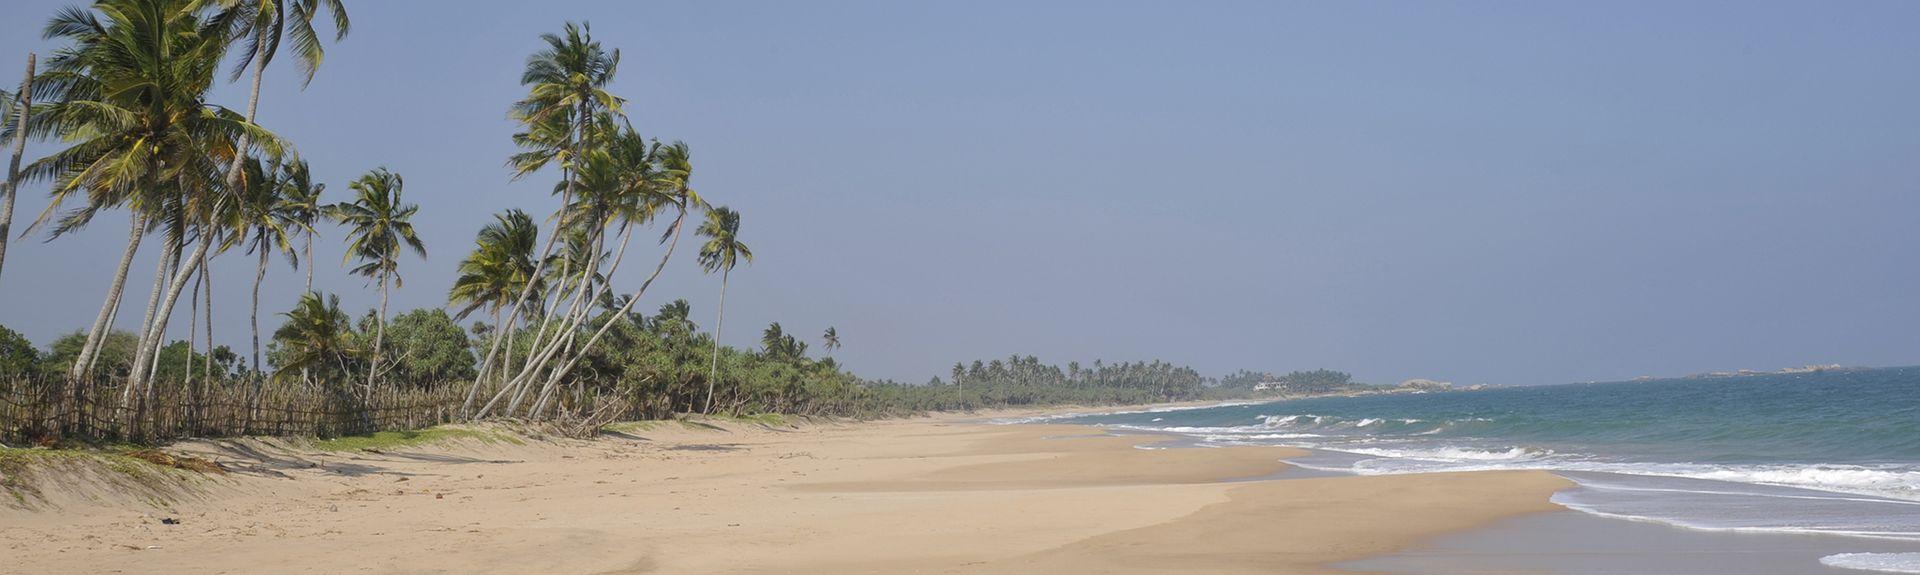 Hambantota, Sri Lanka